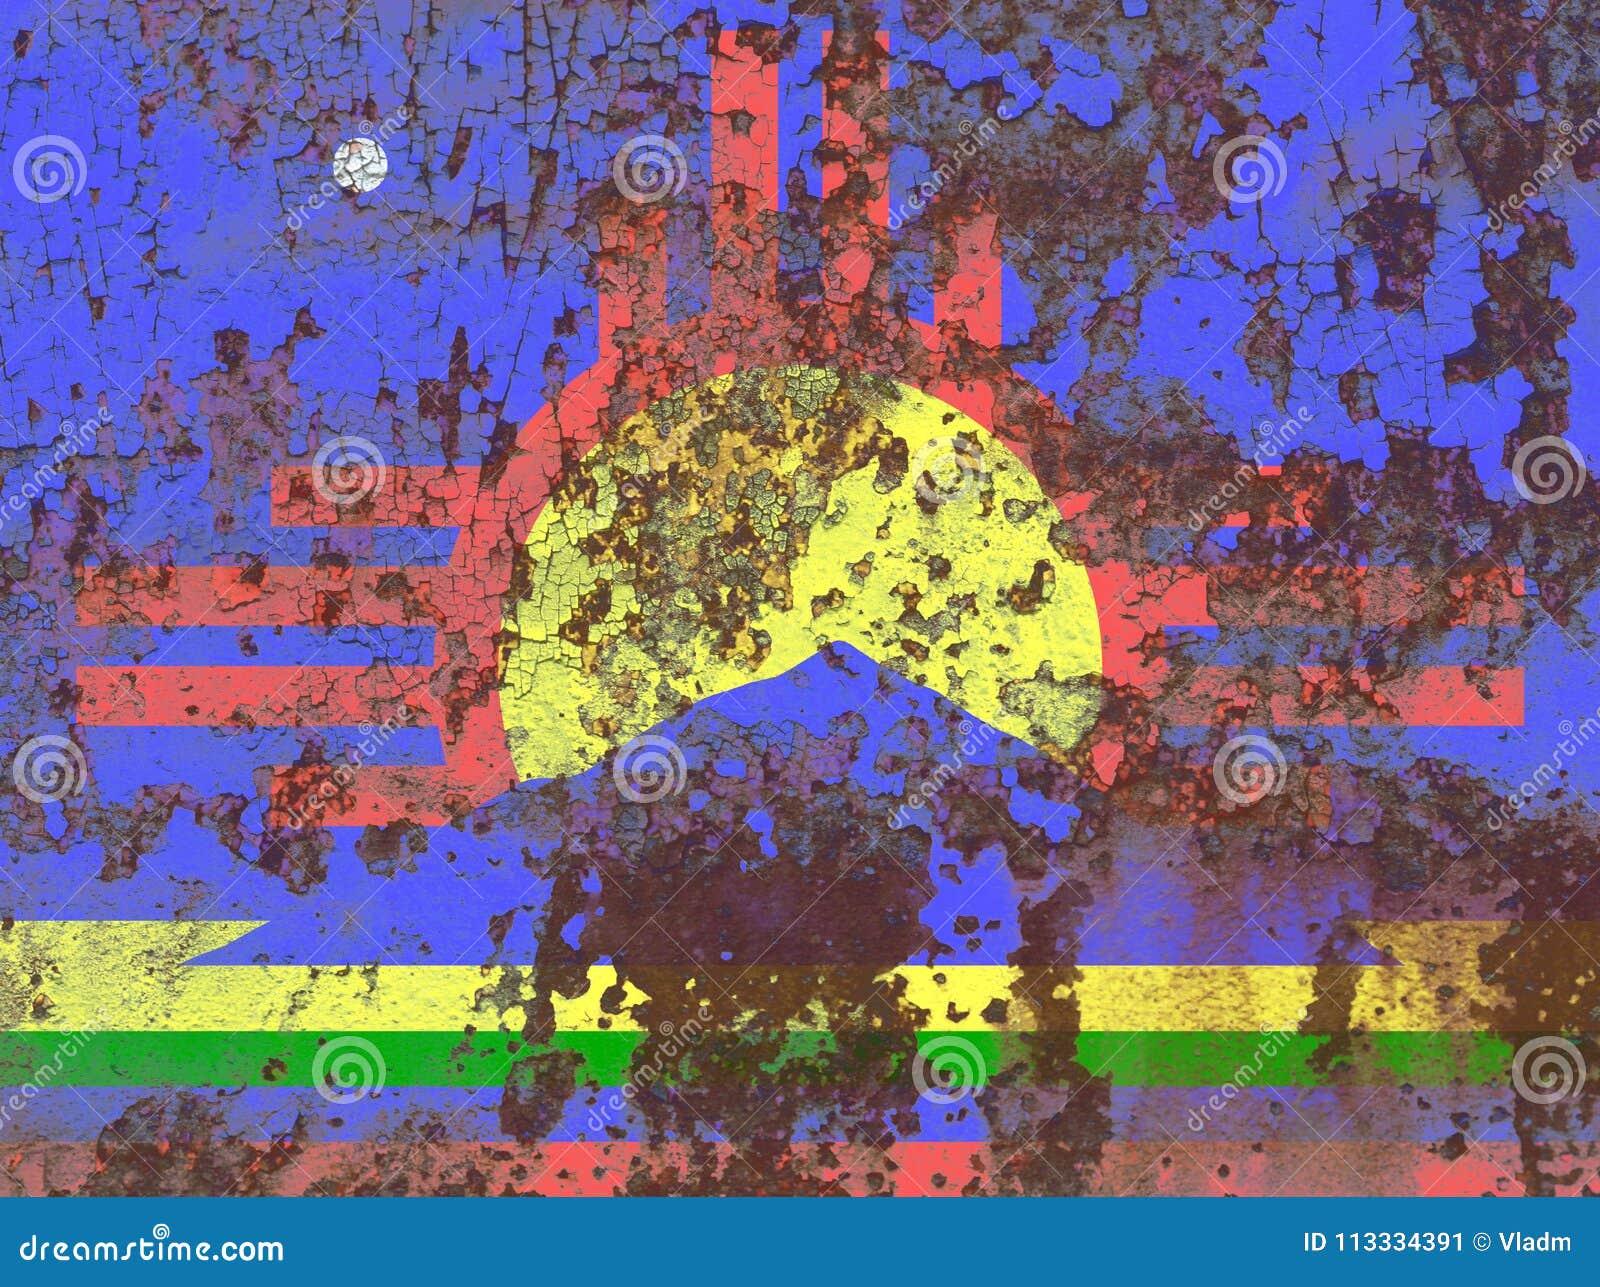 Флаг задымления городов Roswell, положение Неш-Мексико, Соединенные Штаты Amer